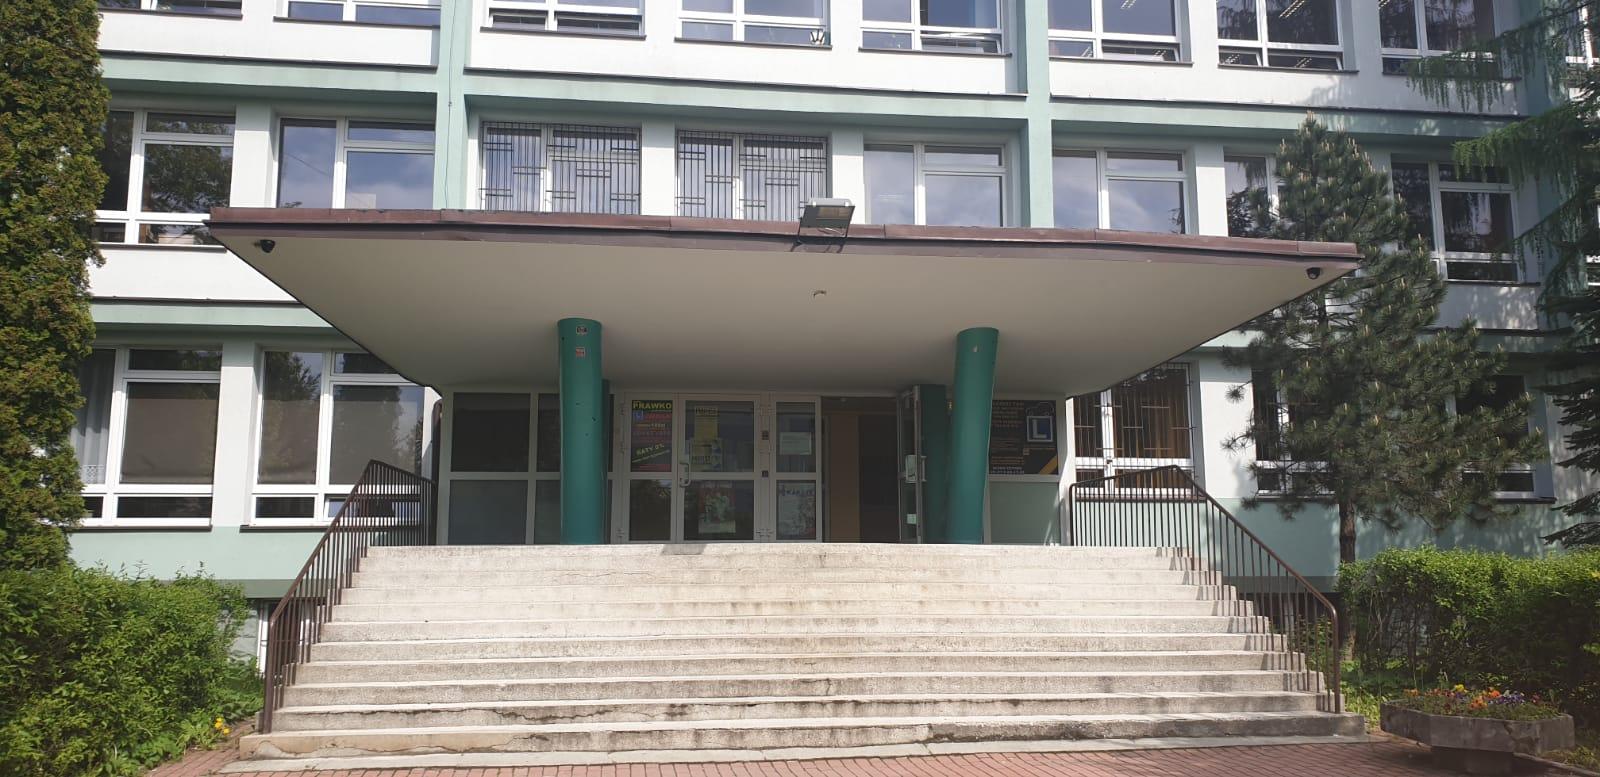 Zarząd Powiatu zaakceptował decyzję komisji. Nowy dyrektor LO Andrychów, bez zmian w Kalwarii